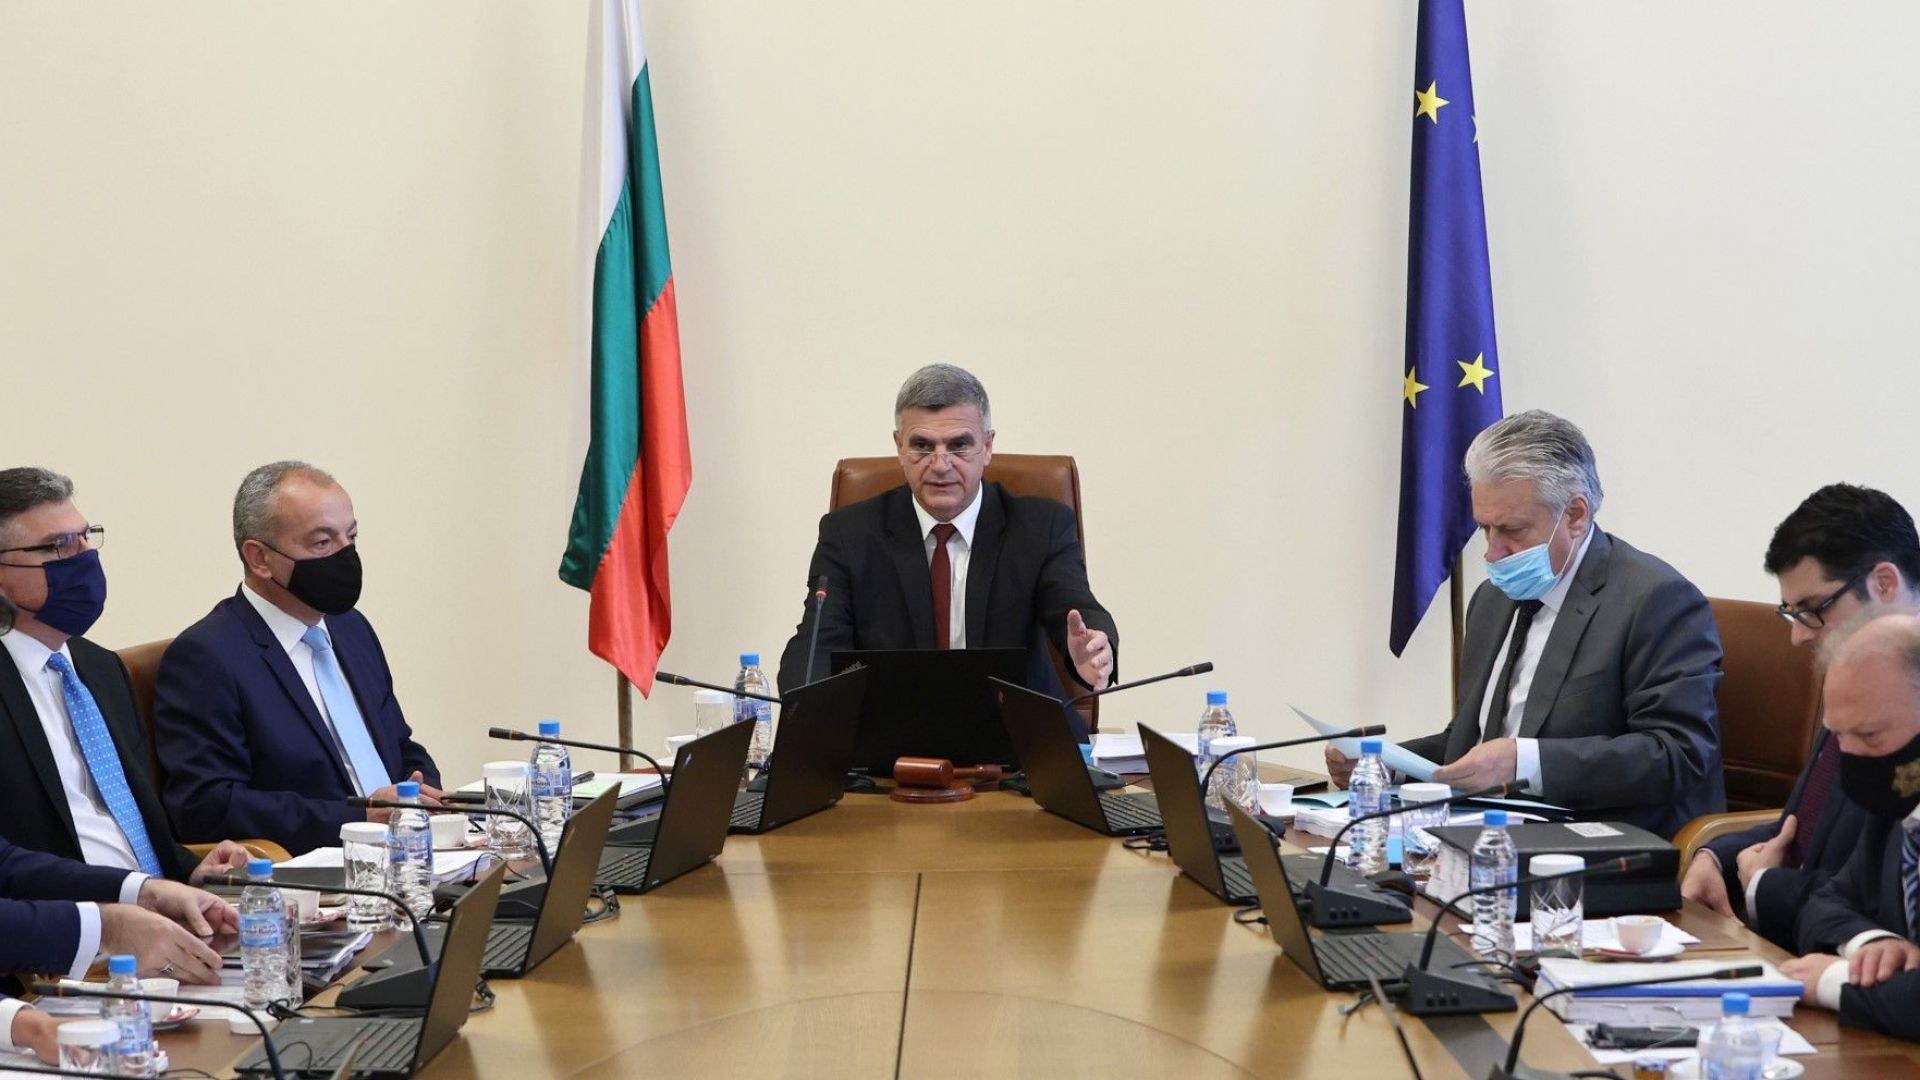 Стефан Янев: Хората имат право да знаят кой реди правителството на ИТН